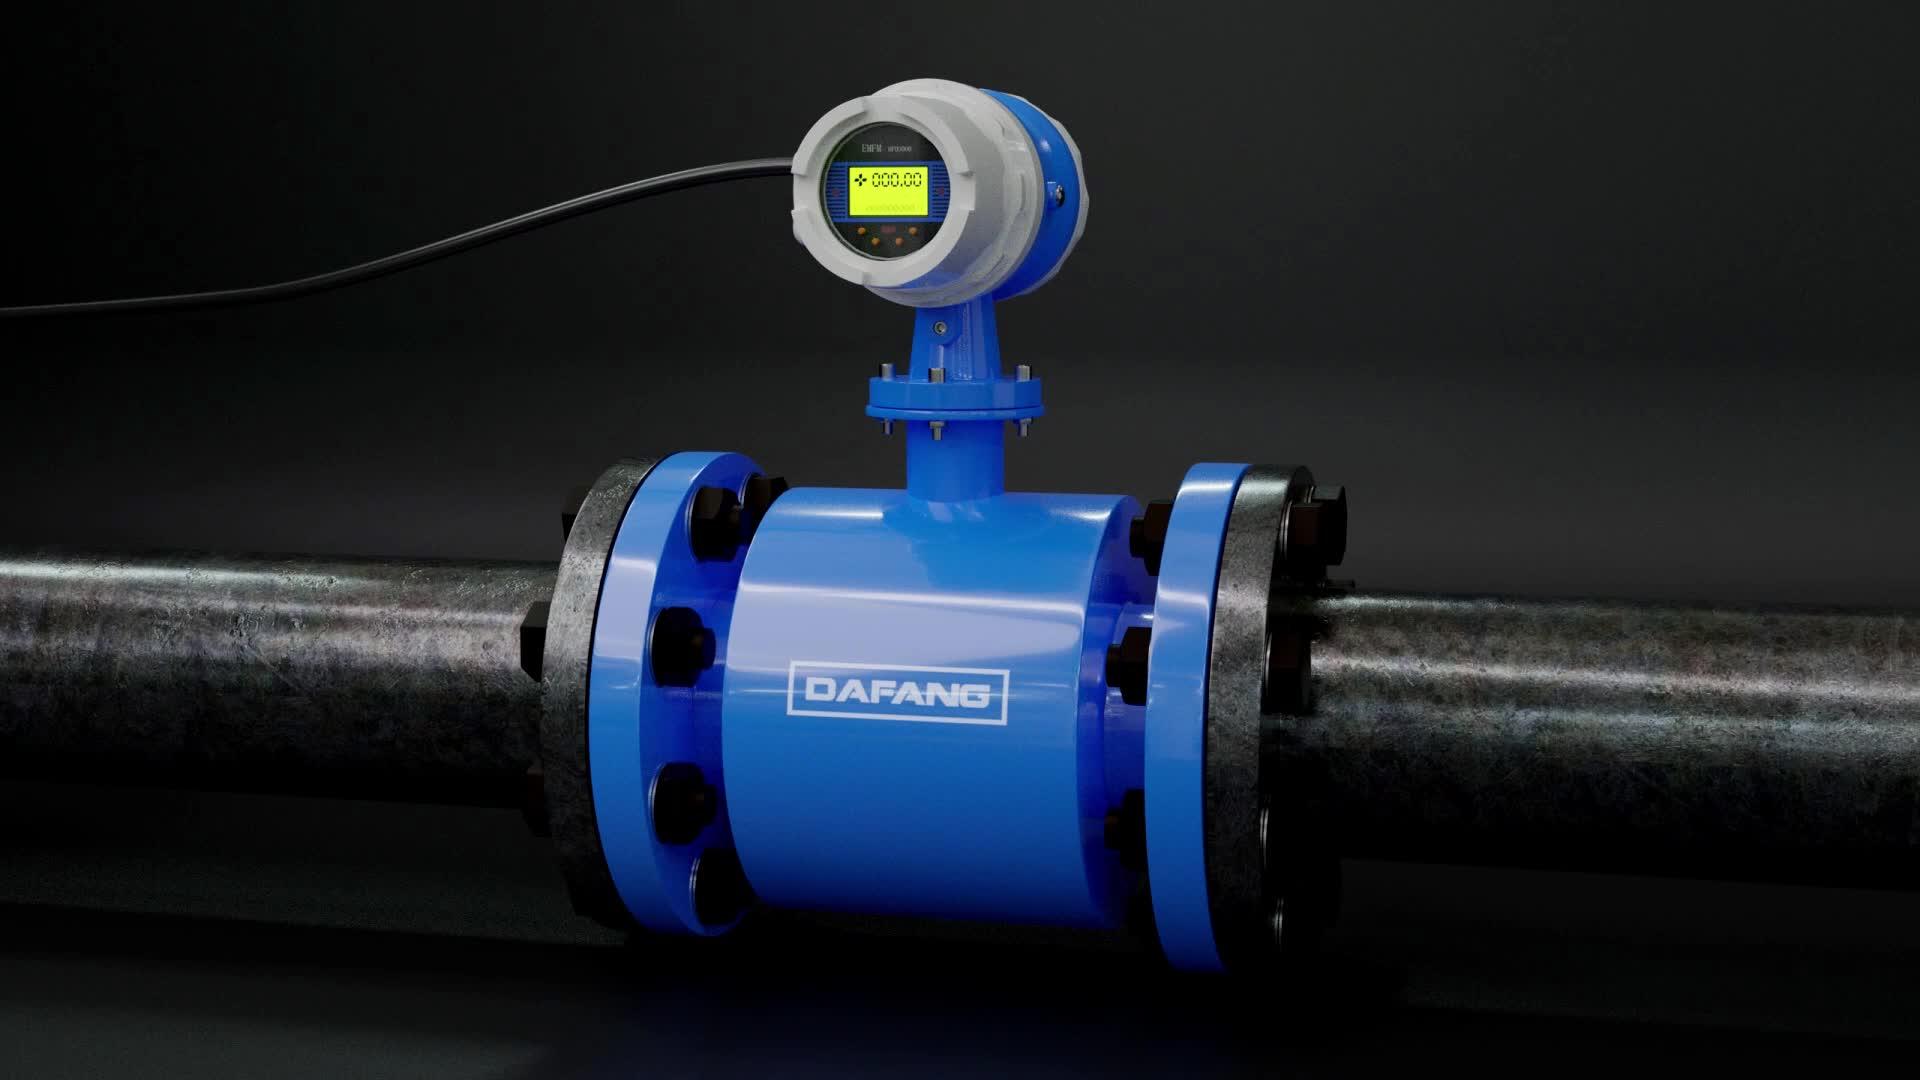 نوع شفة الأنابيب الرقمية هارت 6 inch water جهاز قياس سرعة التدفق الكهرومغناطيسي السعر